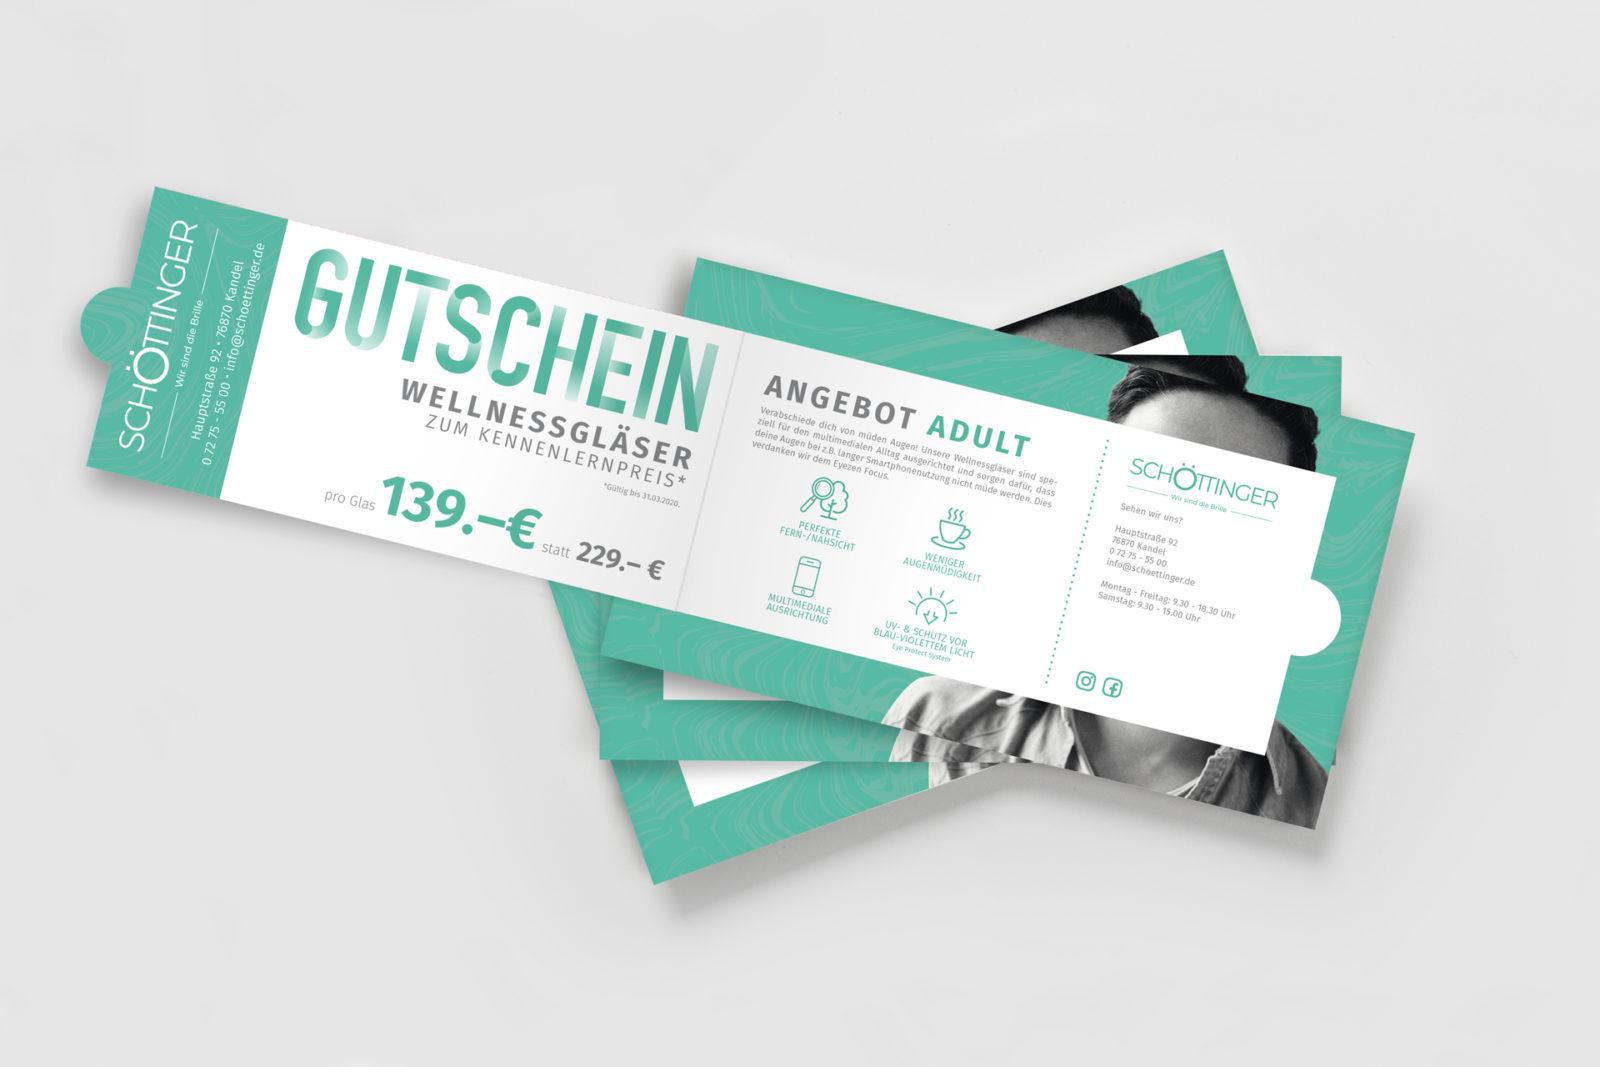 Sabath Media Werbeagentur - Wir sind die Brille Schöttinger GmbH - Referenzbild 2